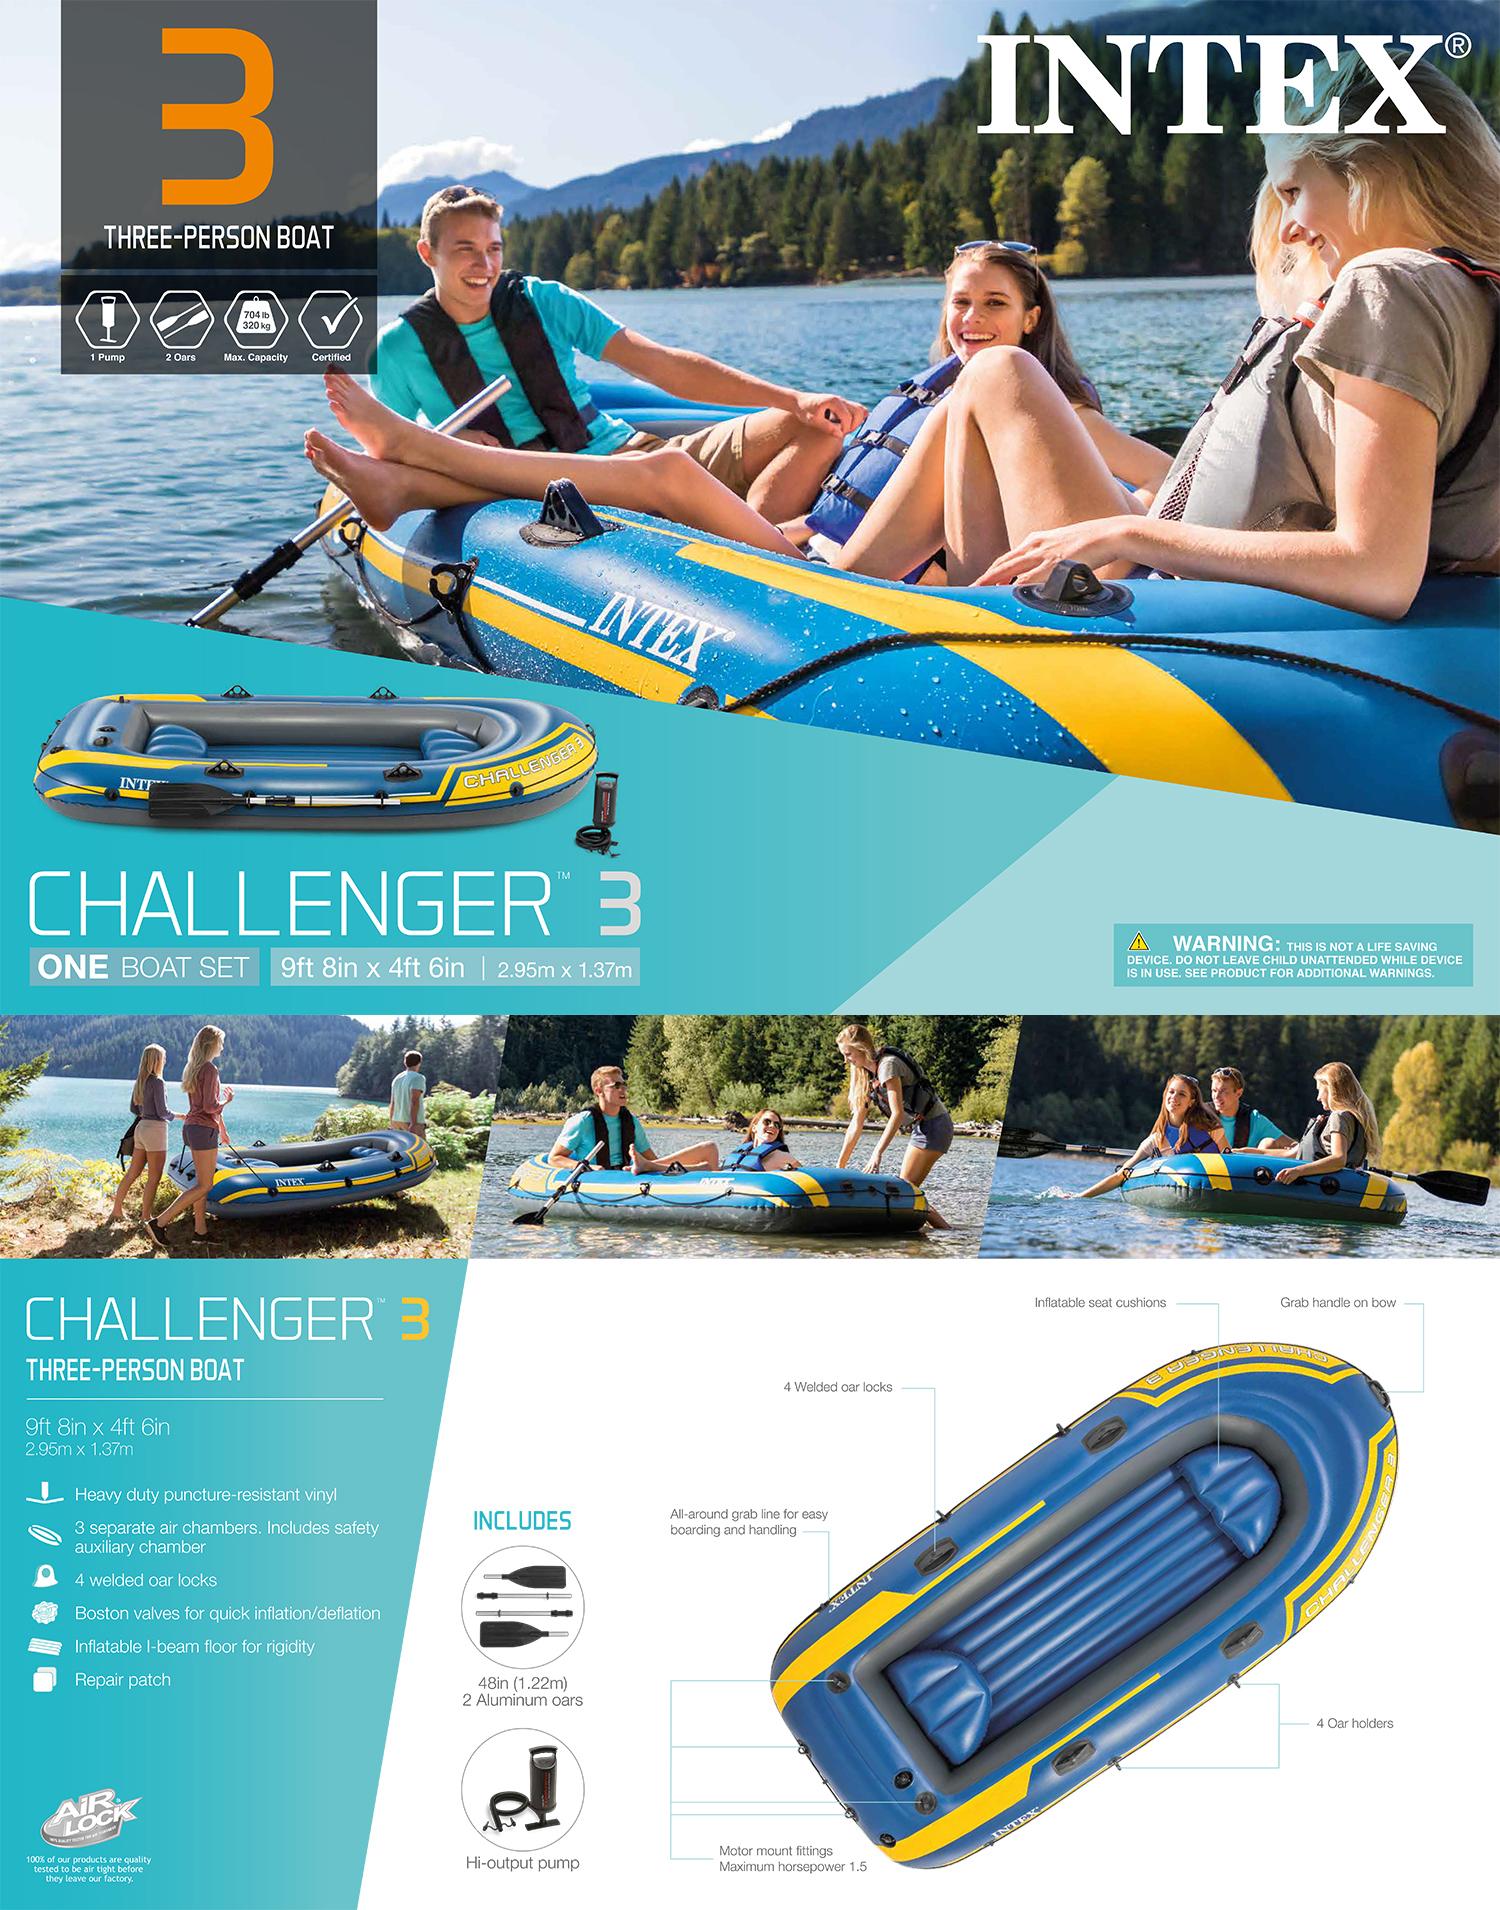 Challenger 3 Boat Set